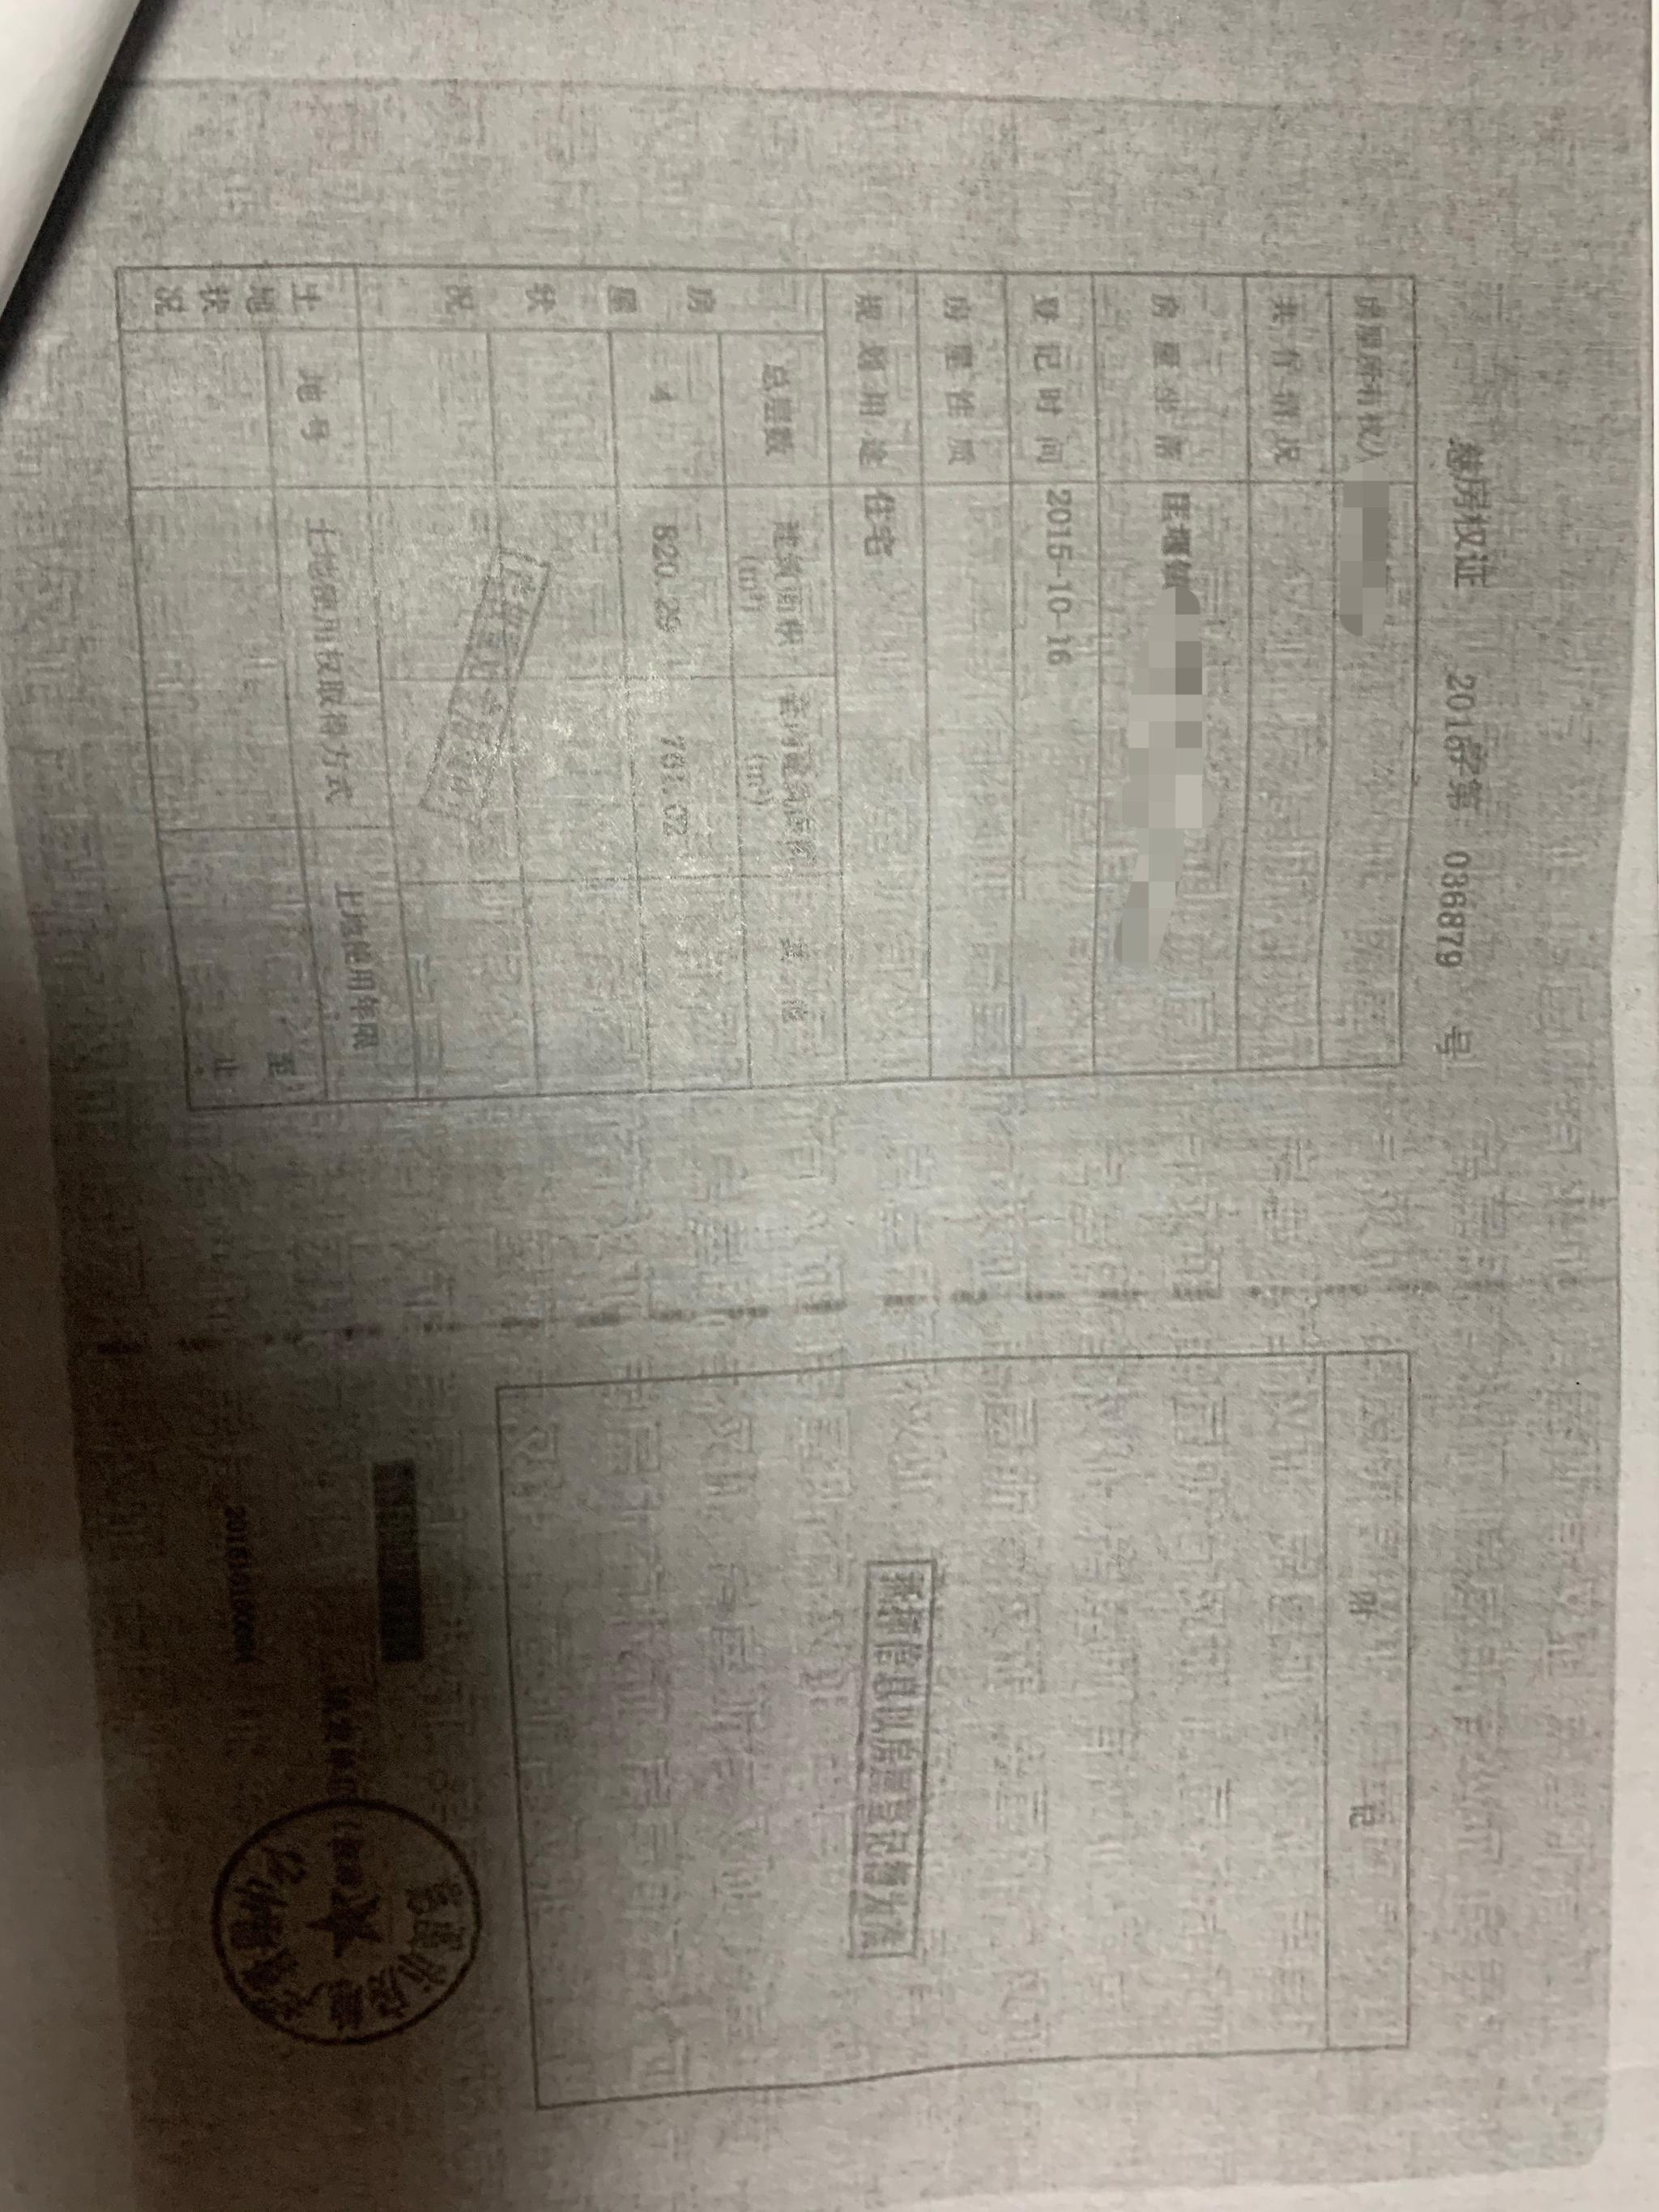 林女士的房产证,受访者供图